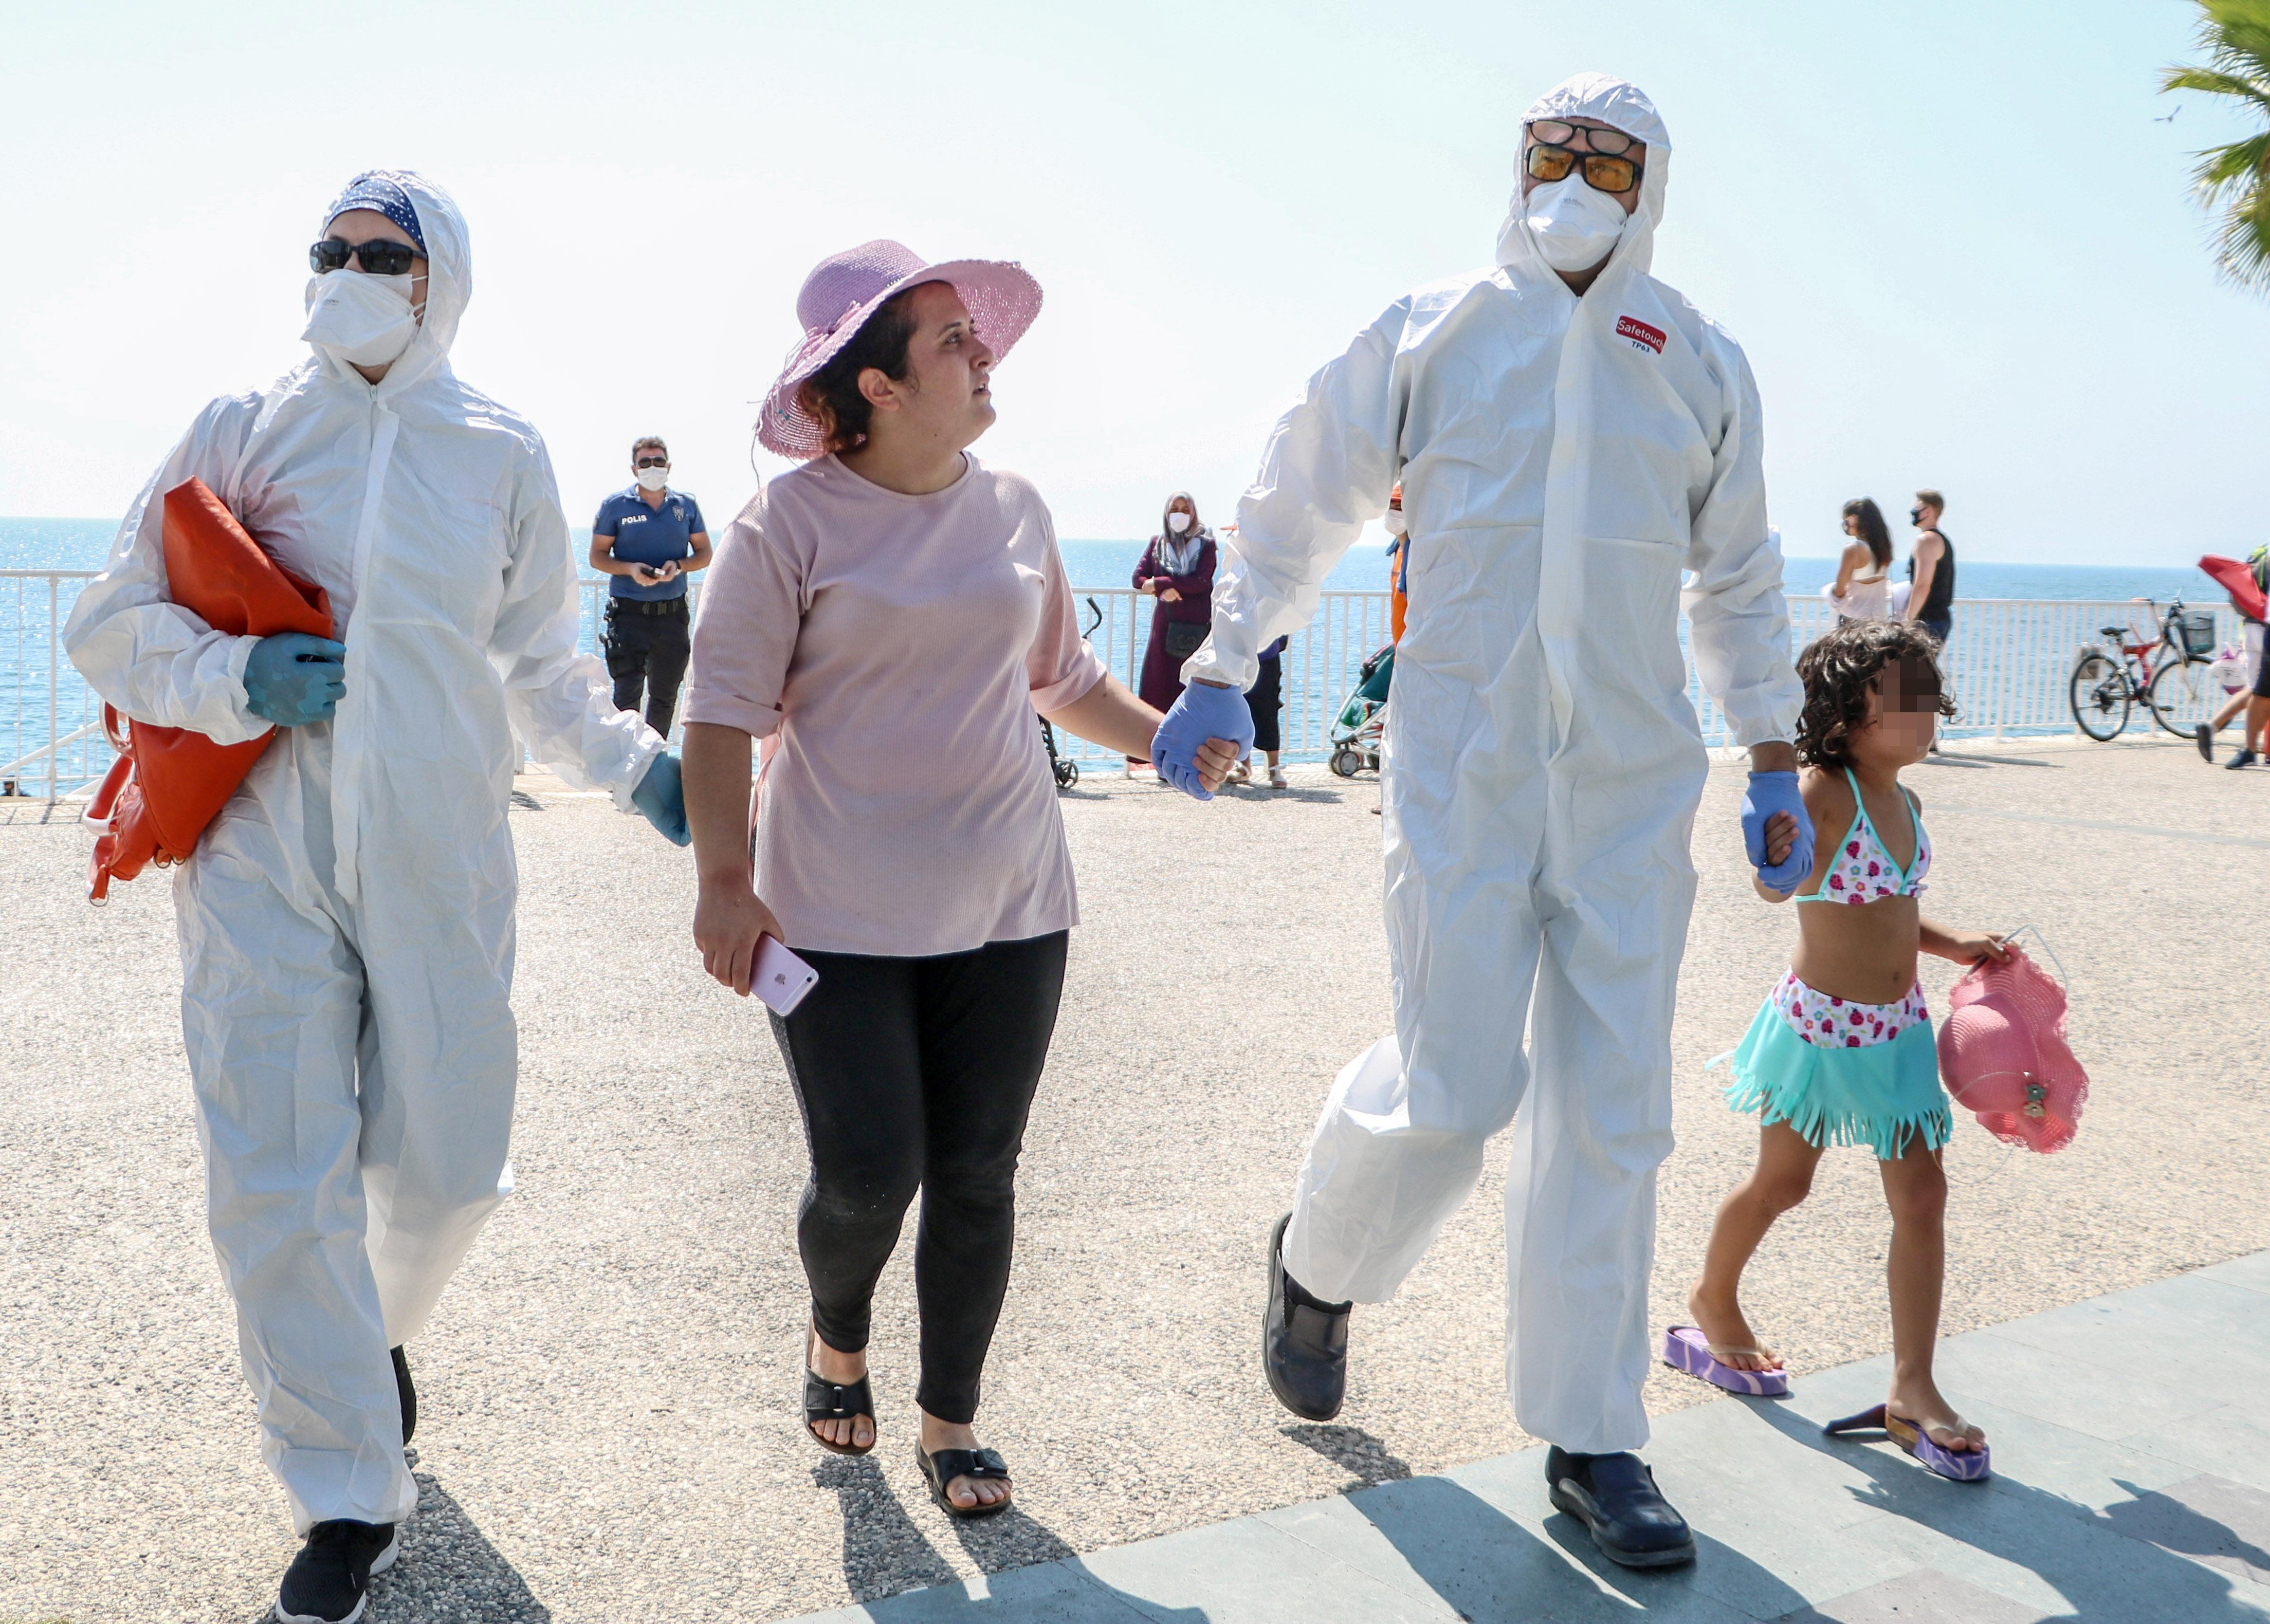 sahilde-olmek-istemiyorum-diye-aglayan-kadin-koronaviruslu-cikti-6844-dhaphoto12.jpg